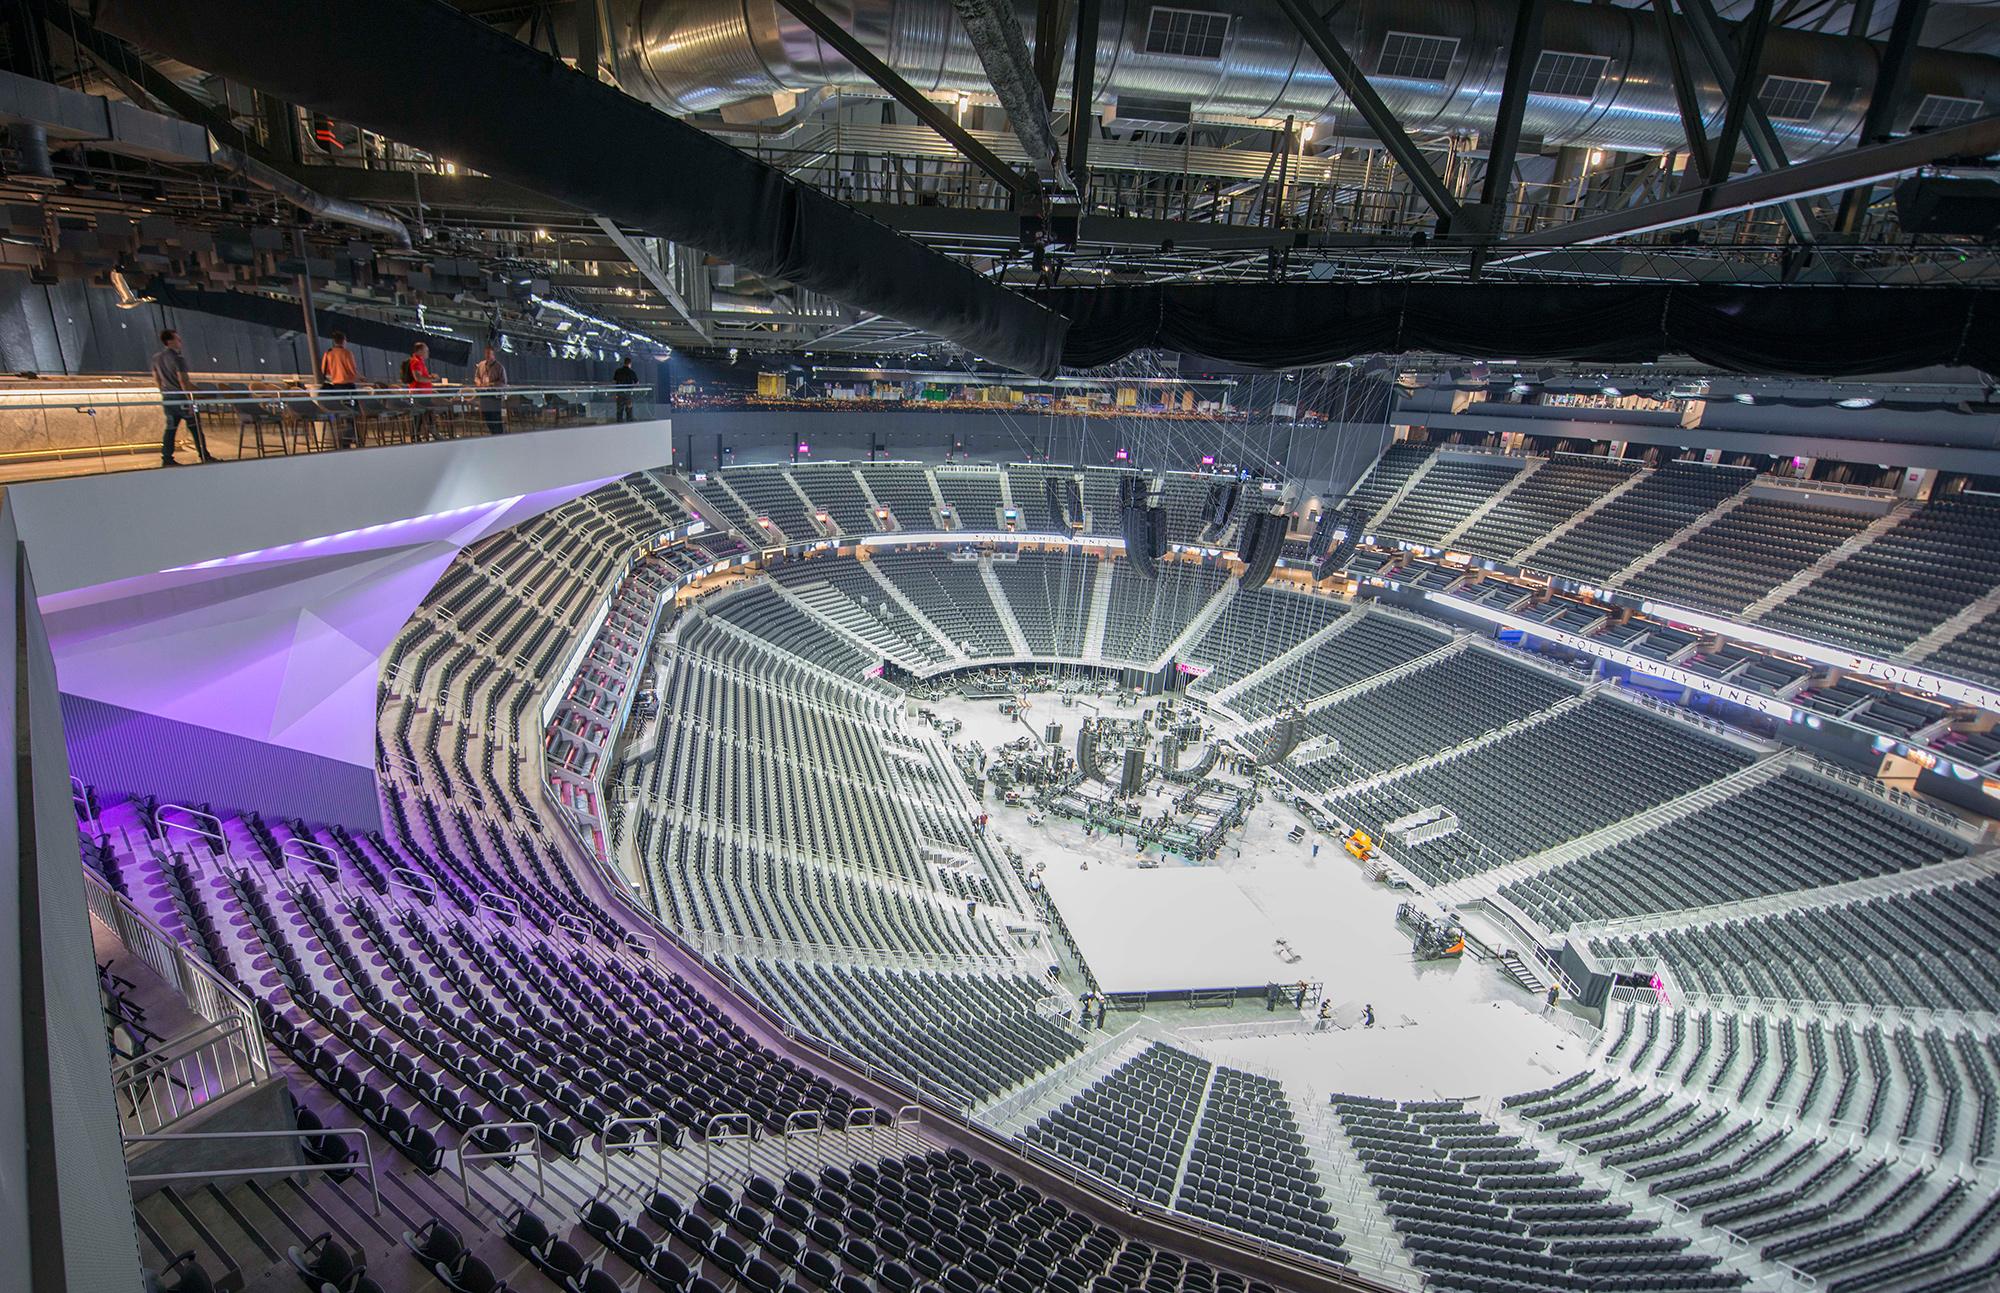 GALLERY TMobile Arena In Las Vegas